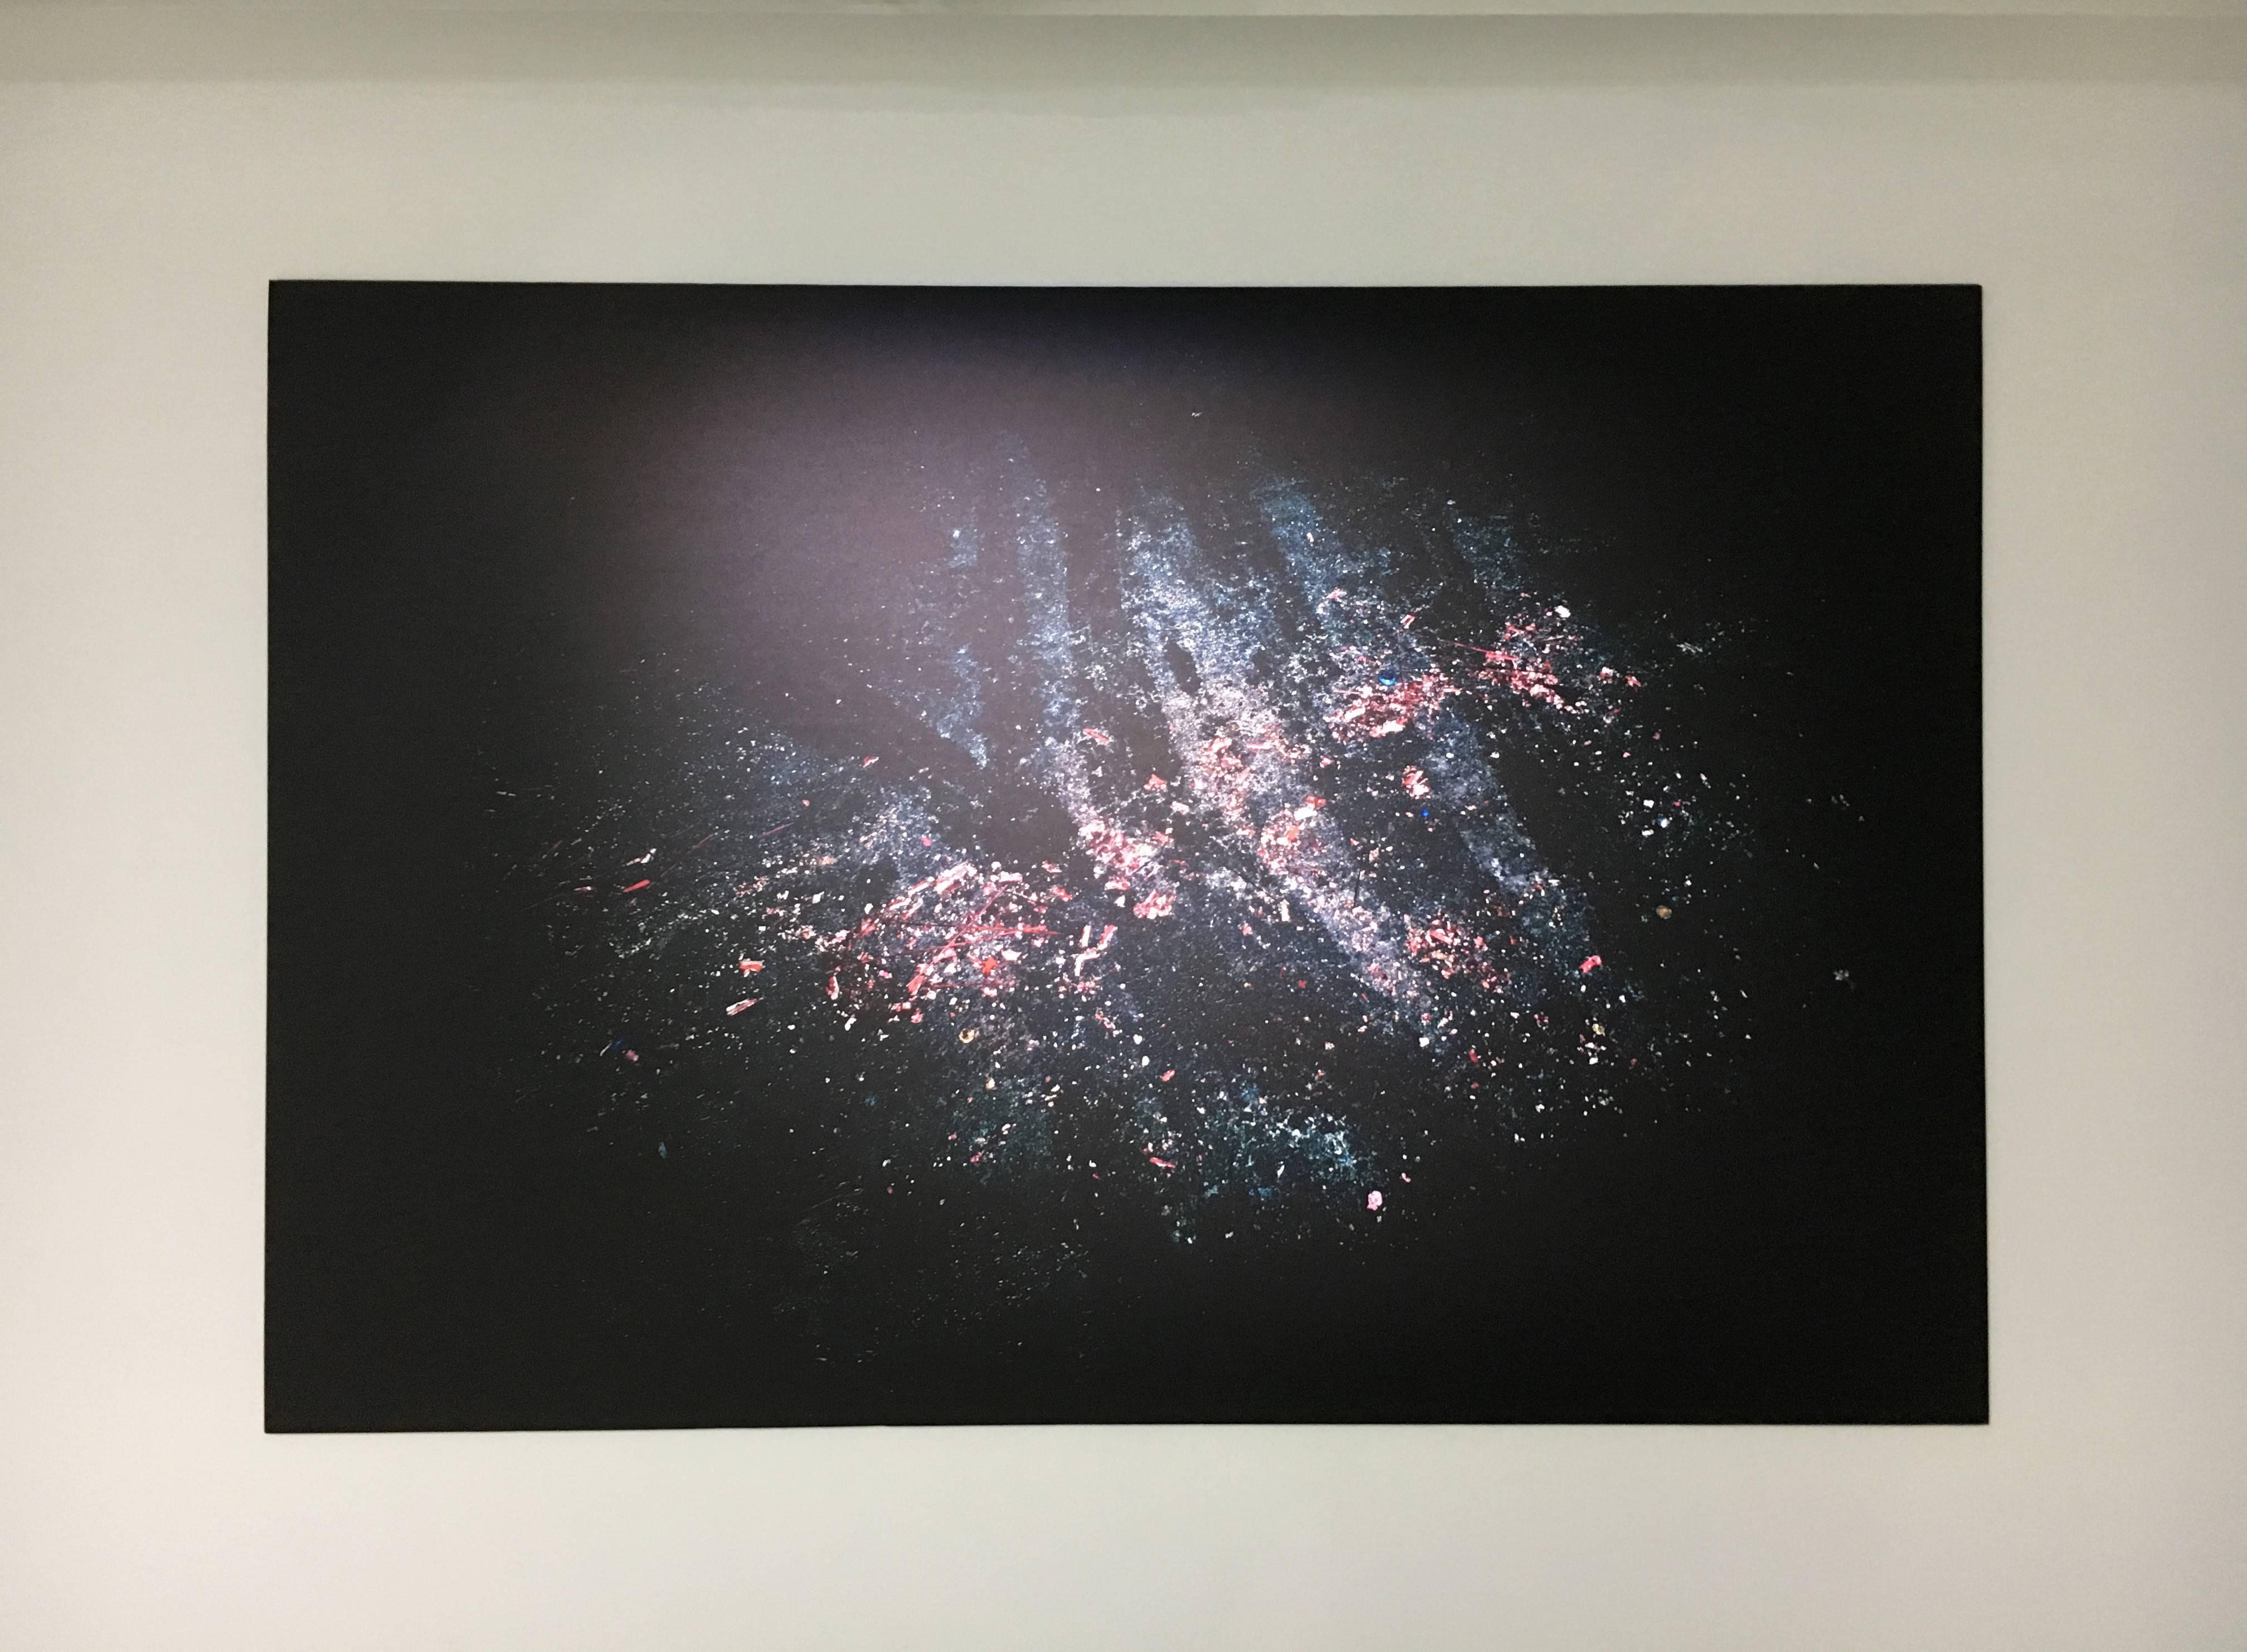 陳伯義,《食砲人 - XXII》,122 x 98 cm,雷射輸出彩色銀鹽相紙,1/8,2012。